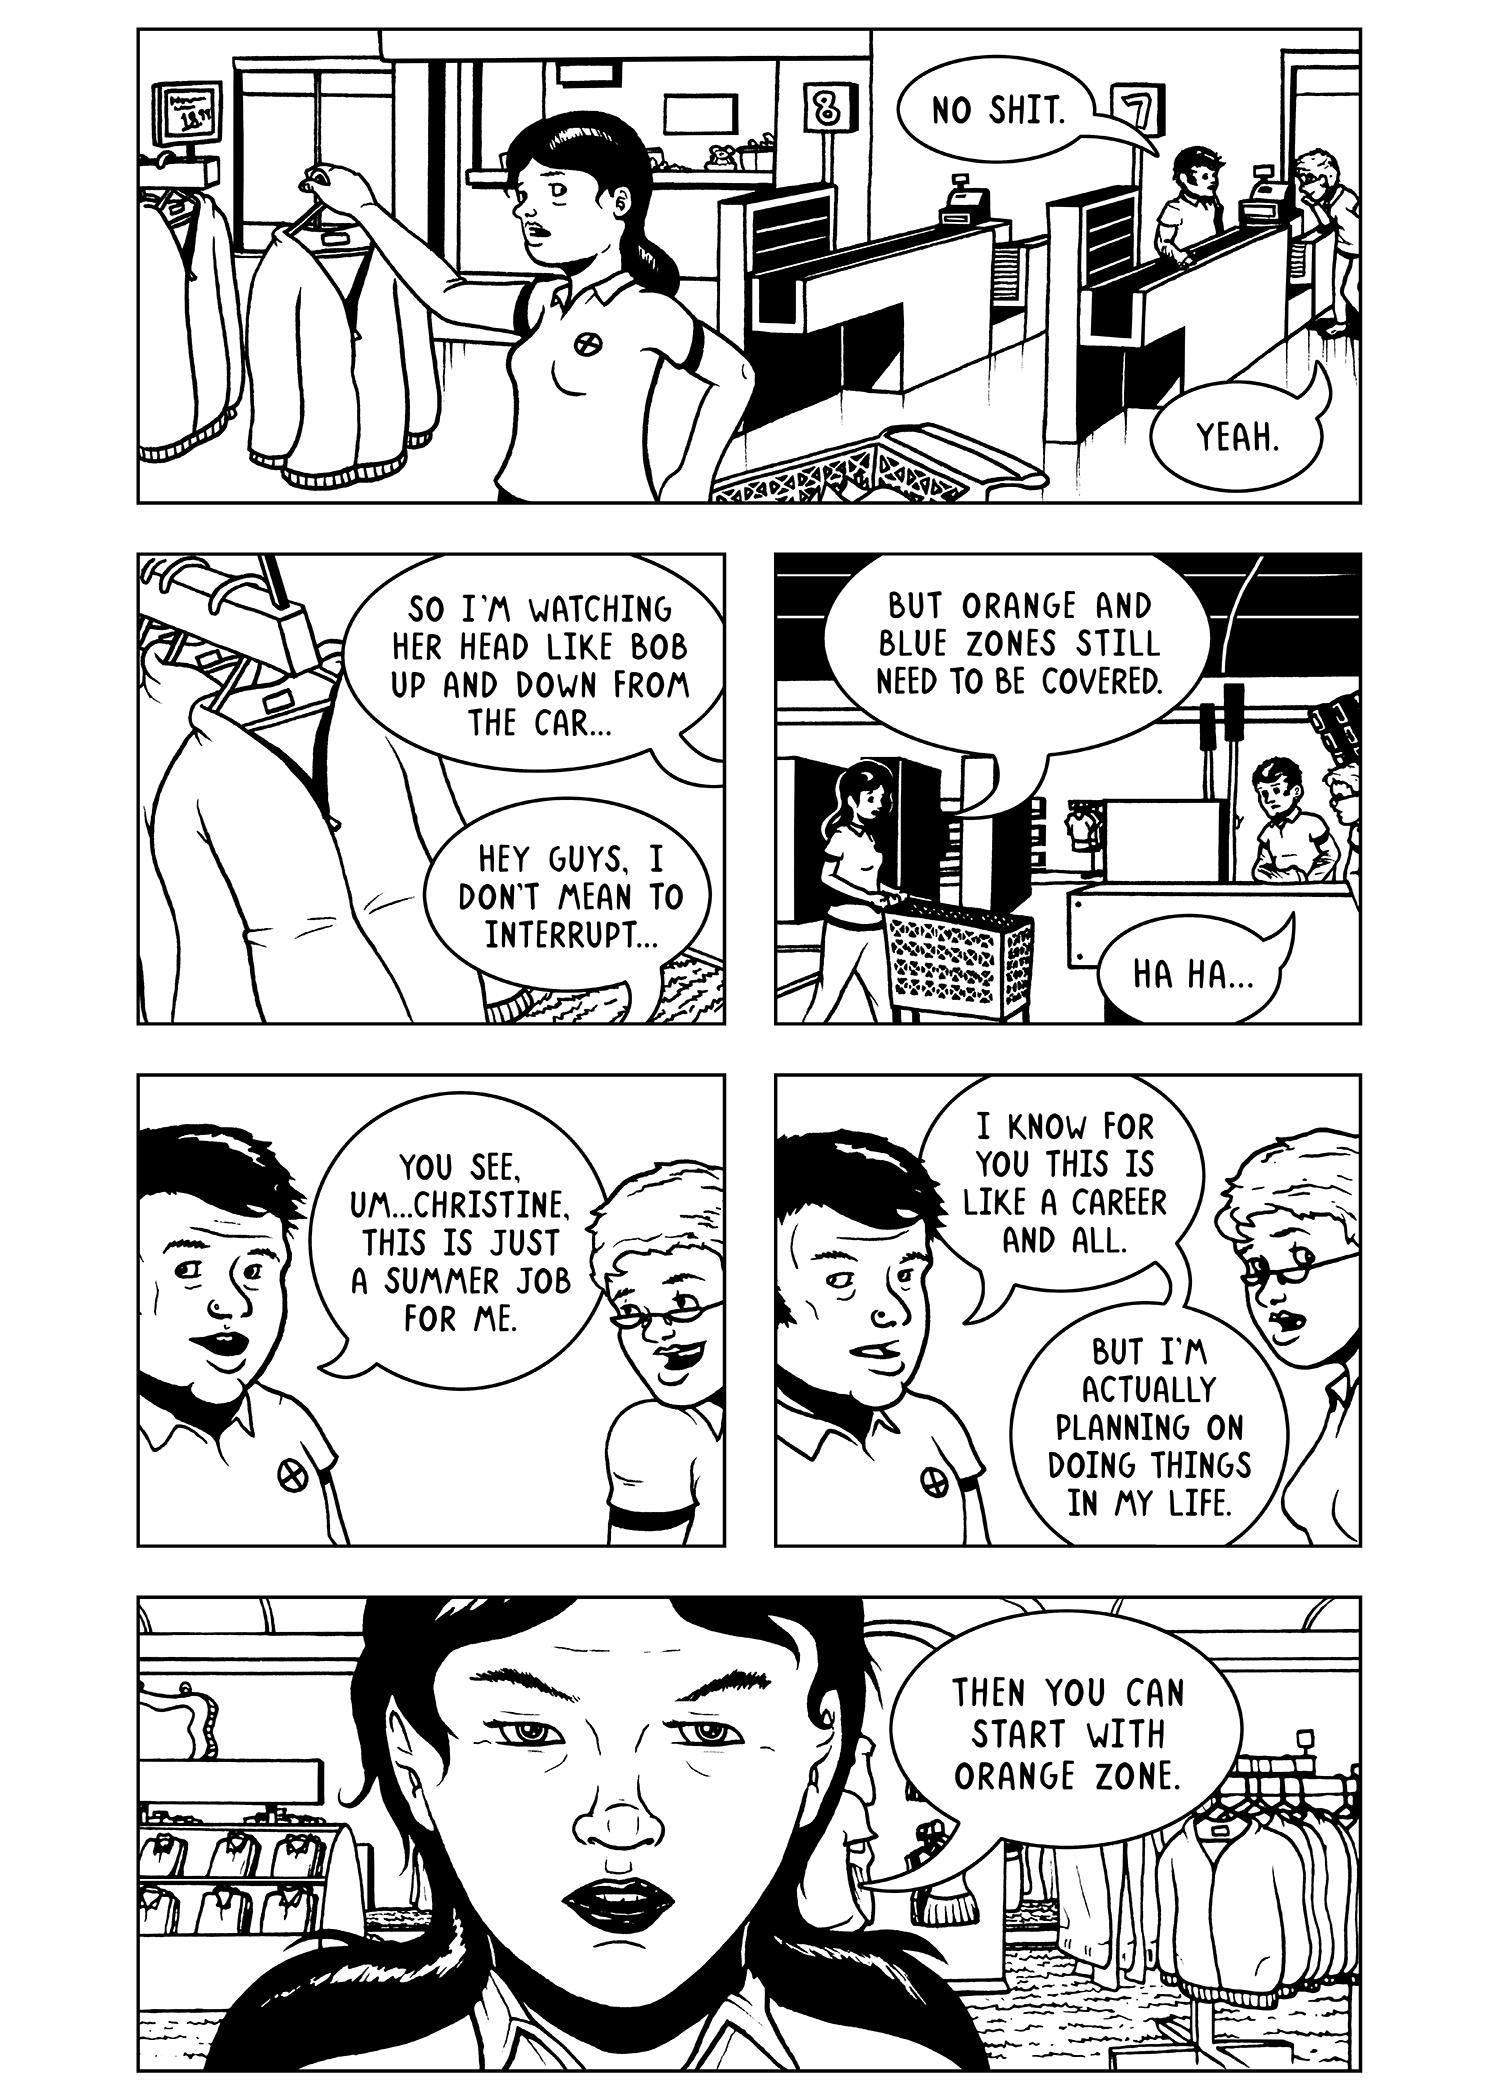 QWERTY_comic_15